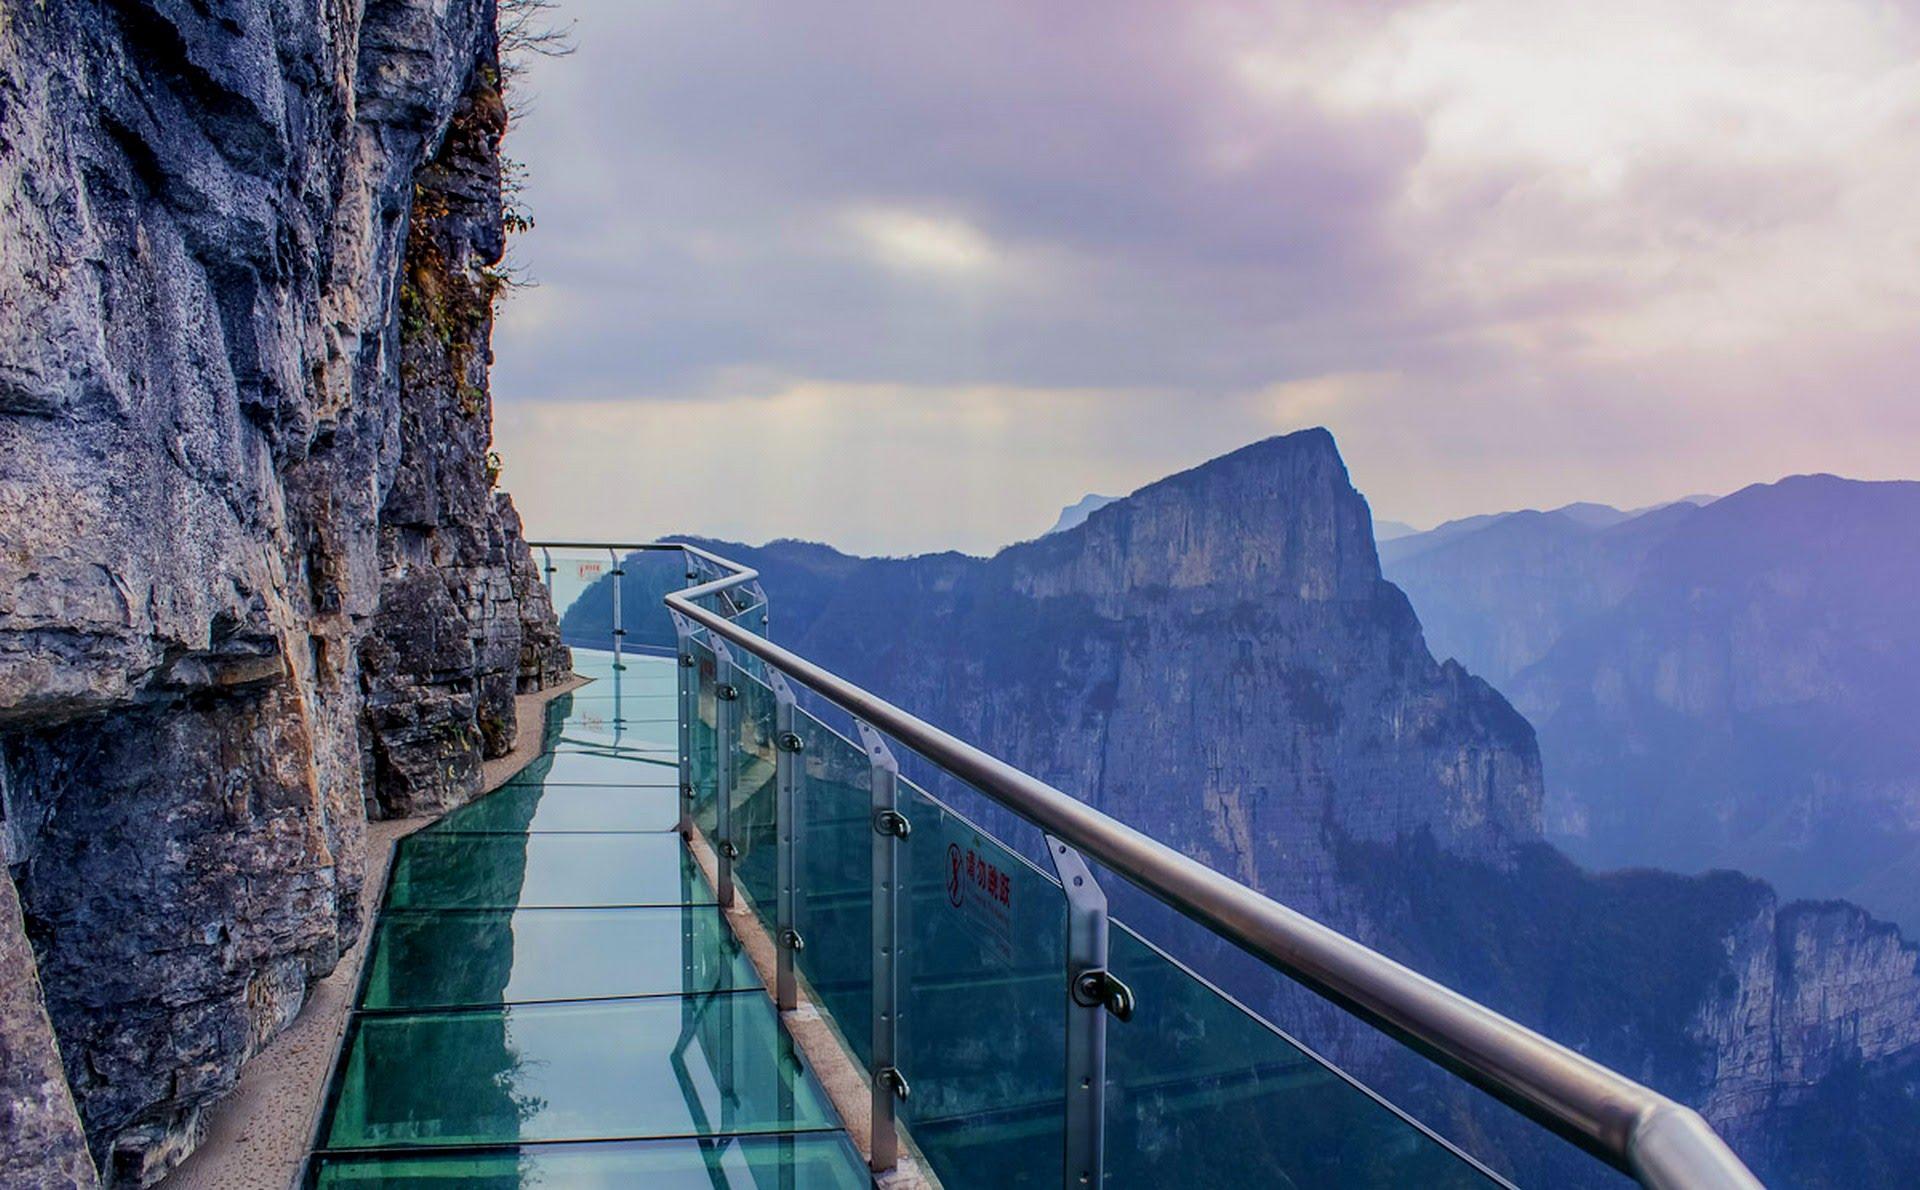 ponte de vidro maxresdefault